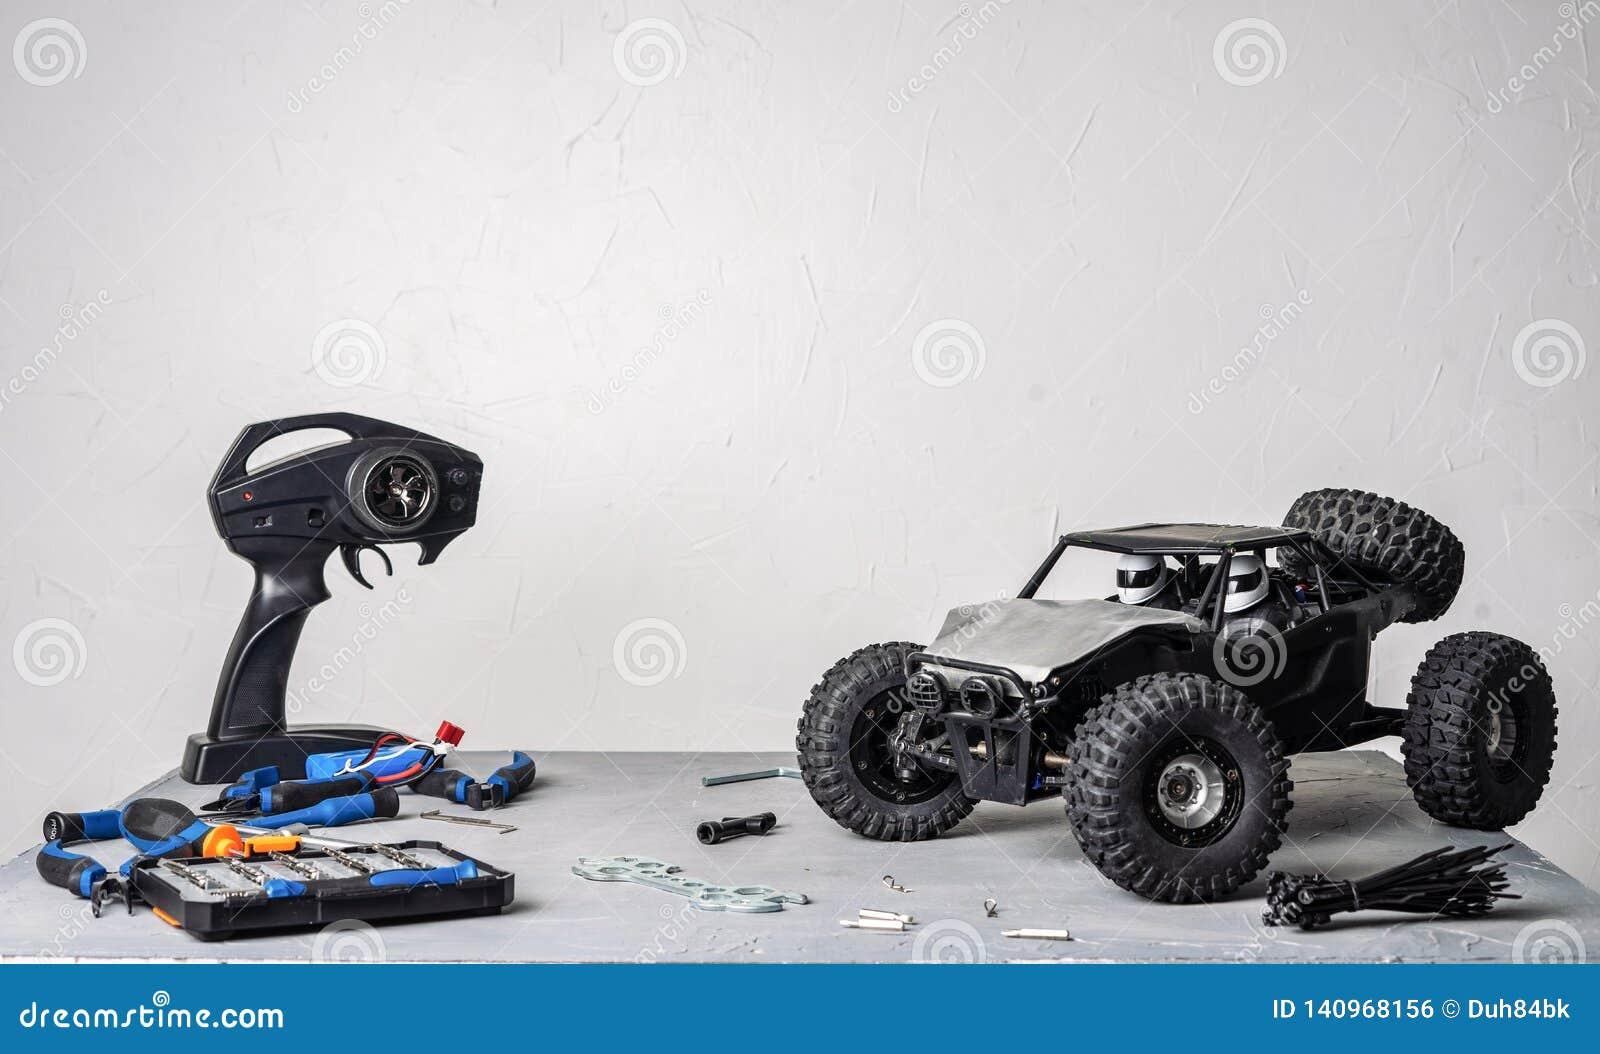 контролируемые Радио модели автомобиля: таблица с разбросанными инструментами для ремонтировать модели rc дефектные и пульт управ